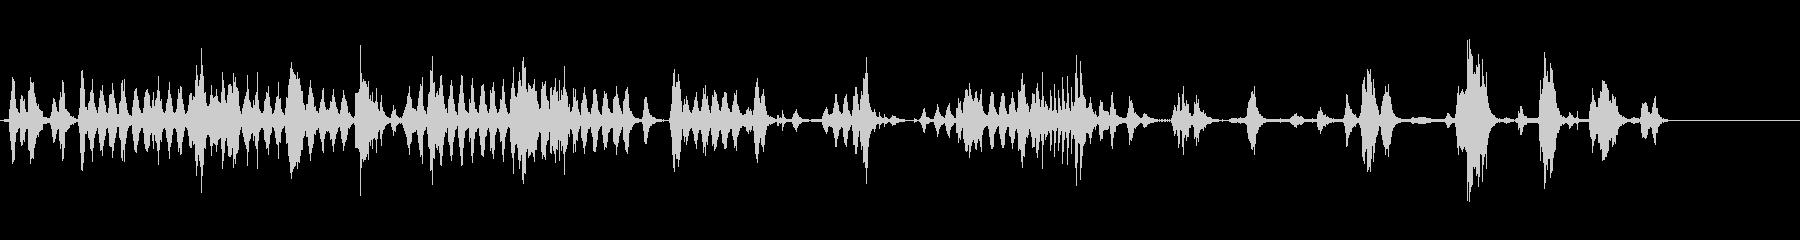 オウムケージ動物園の未再生の波形